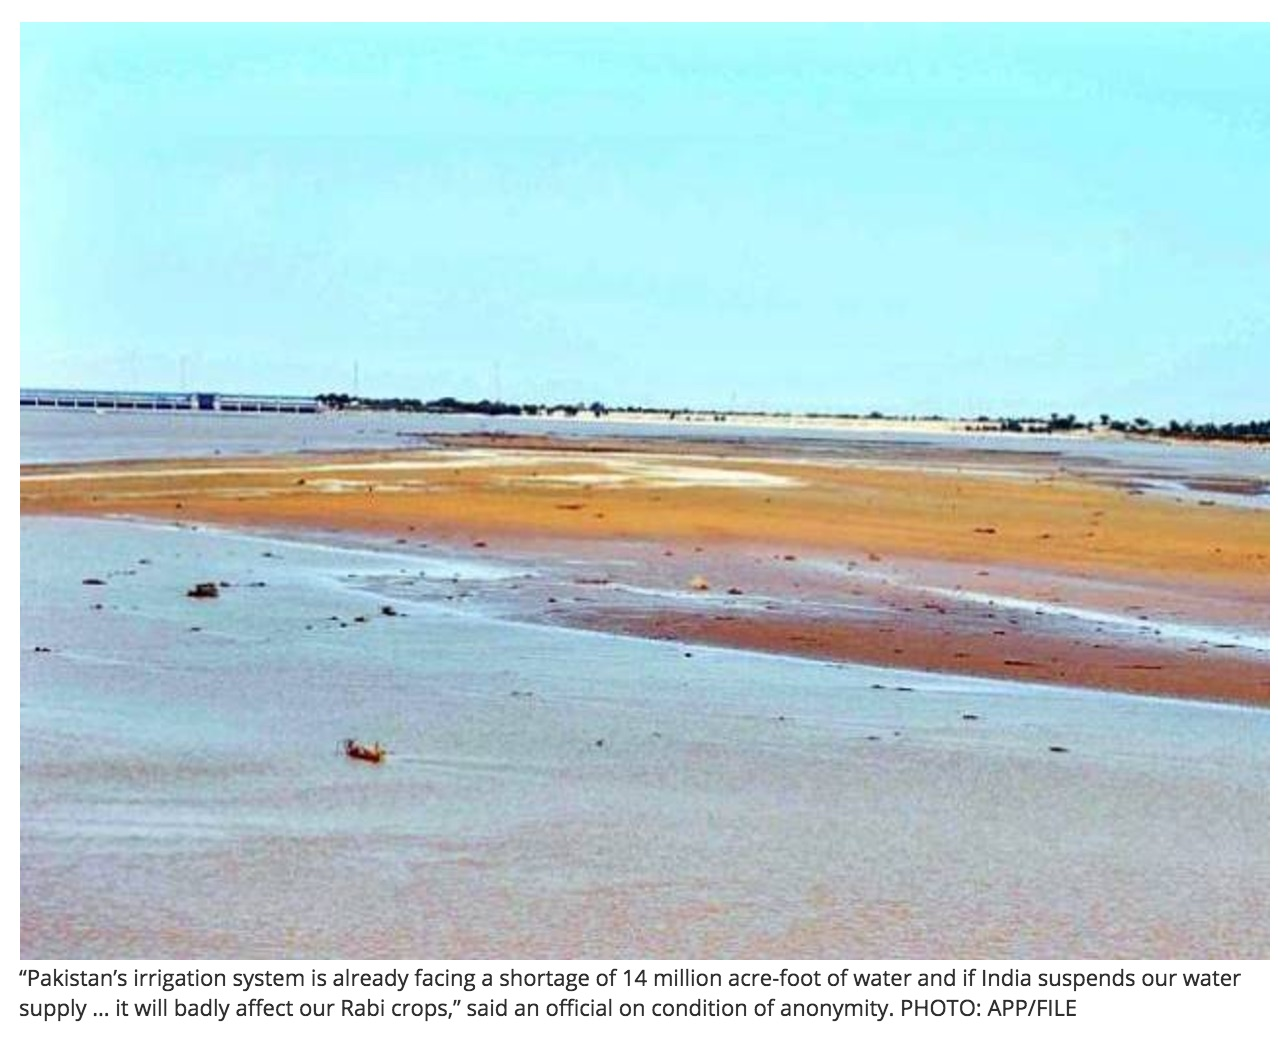 Le Pakistan manque cruellement d'infrastructures pour pouvoir conserver l'eau de pluie ou issue de la fonte des glaciers. Copie d'écran de Tribune, le 29 septembre 2016.